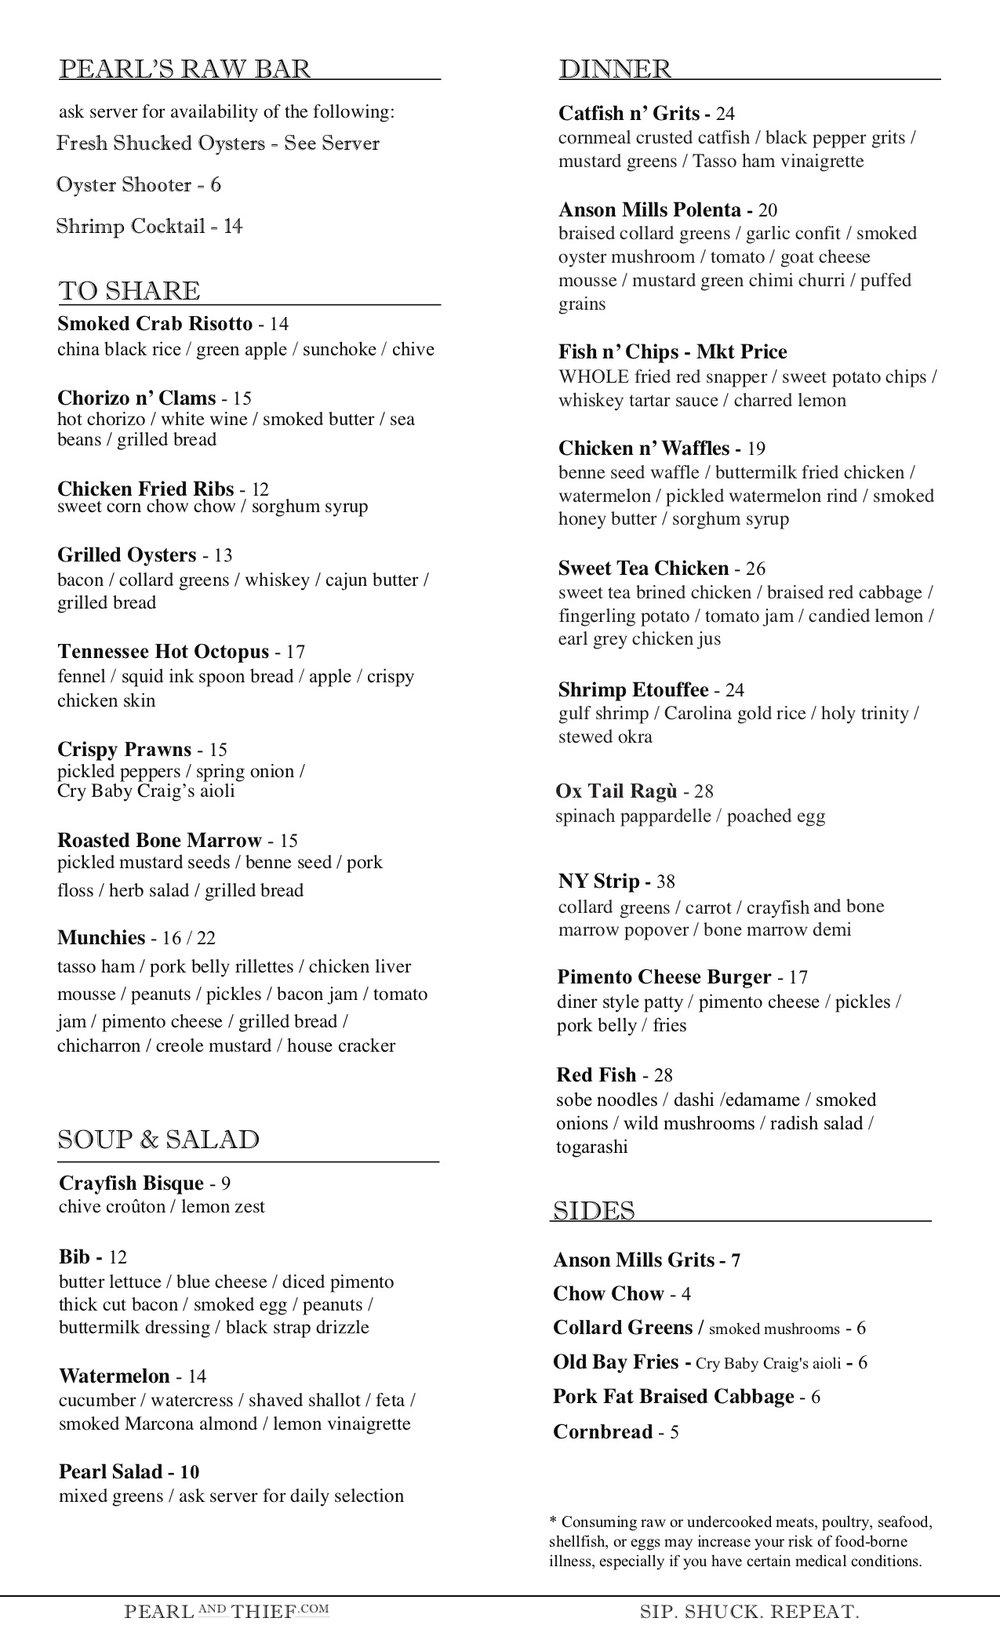 DINNER_08-02-18.jpg